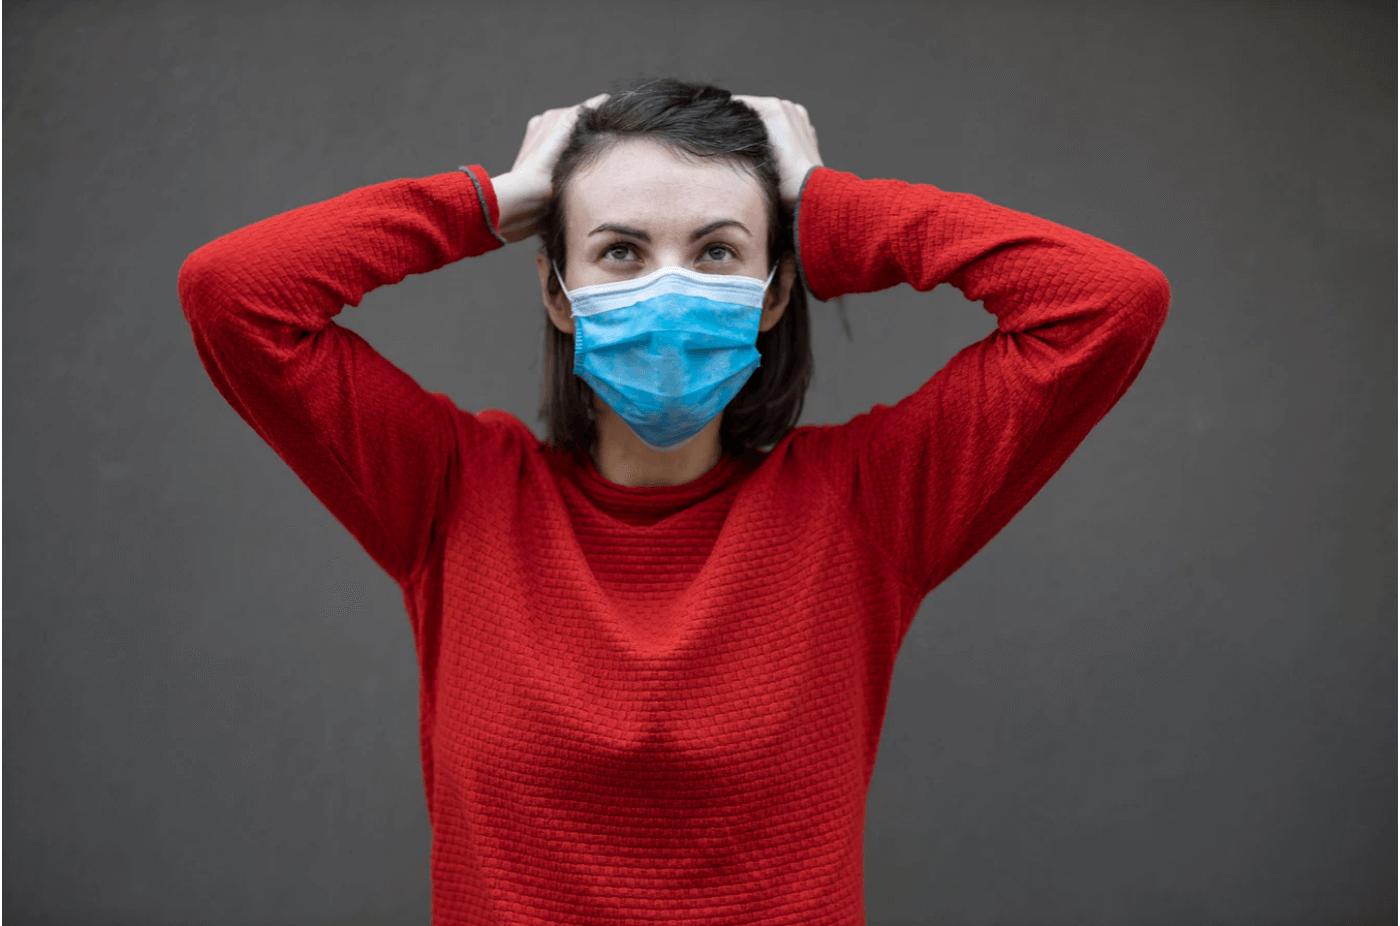 Warum ein CO2-Messgerät für Räume ungeeignet ist, um die CO2-Konzentration unter einem Mund-Nasen-Schutz zu messen, zeigen Experimente mit Hilfe des Umweltbundesamtes.